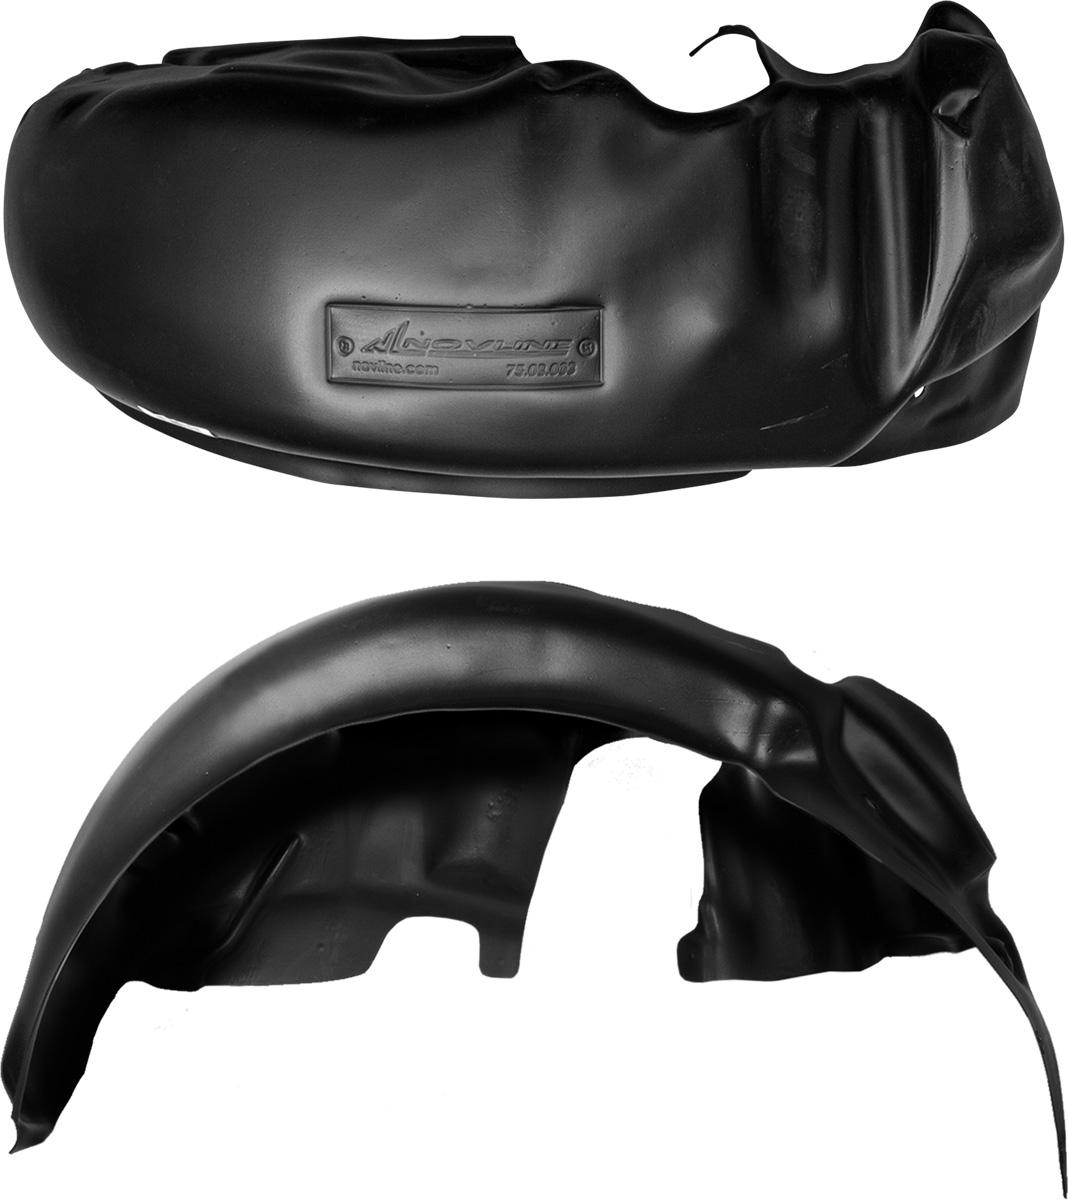 Подкрылок Novline-Autofamily, для Lada Priora, 2007 ->, задний правыйNLL.52.16.004Колесные ниши - одни из самых уязвимых зон днища вашего автомобиля. Они постоянно подвергаются воздействию со стороны дороги. Лучшая, почти абсолютная защита для них - специально отформованные пластиковые кожухи, которые называются подкрылками. Производятся они как для отечественных моделей автомобилей, так и для иномарок. Подкрылки Novline-Autofamily выполнены из высококачественного, экологически чистого пластика. Обеспечивают надежную защиту кузова автомобиля от пескоструйного эффекта и негативного влияния, агрессивных антигололедных реагентов. Пластик обладает более низкой теплопроводностью, чем металл, поэтому в зимний период эксплуатации использование пластиковых подкрылков позволяет лучше защитить колесные ниши от налипания снега и образования наледи. Оригинальность конструкции подчеркивает элегантность автомобиля, бережно защищает нанесенное на днище кузова антикоррозийное покрытие и позволяет осуществить крепление подкрылков внутри колесной арки практически без...